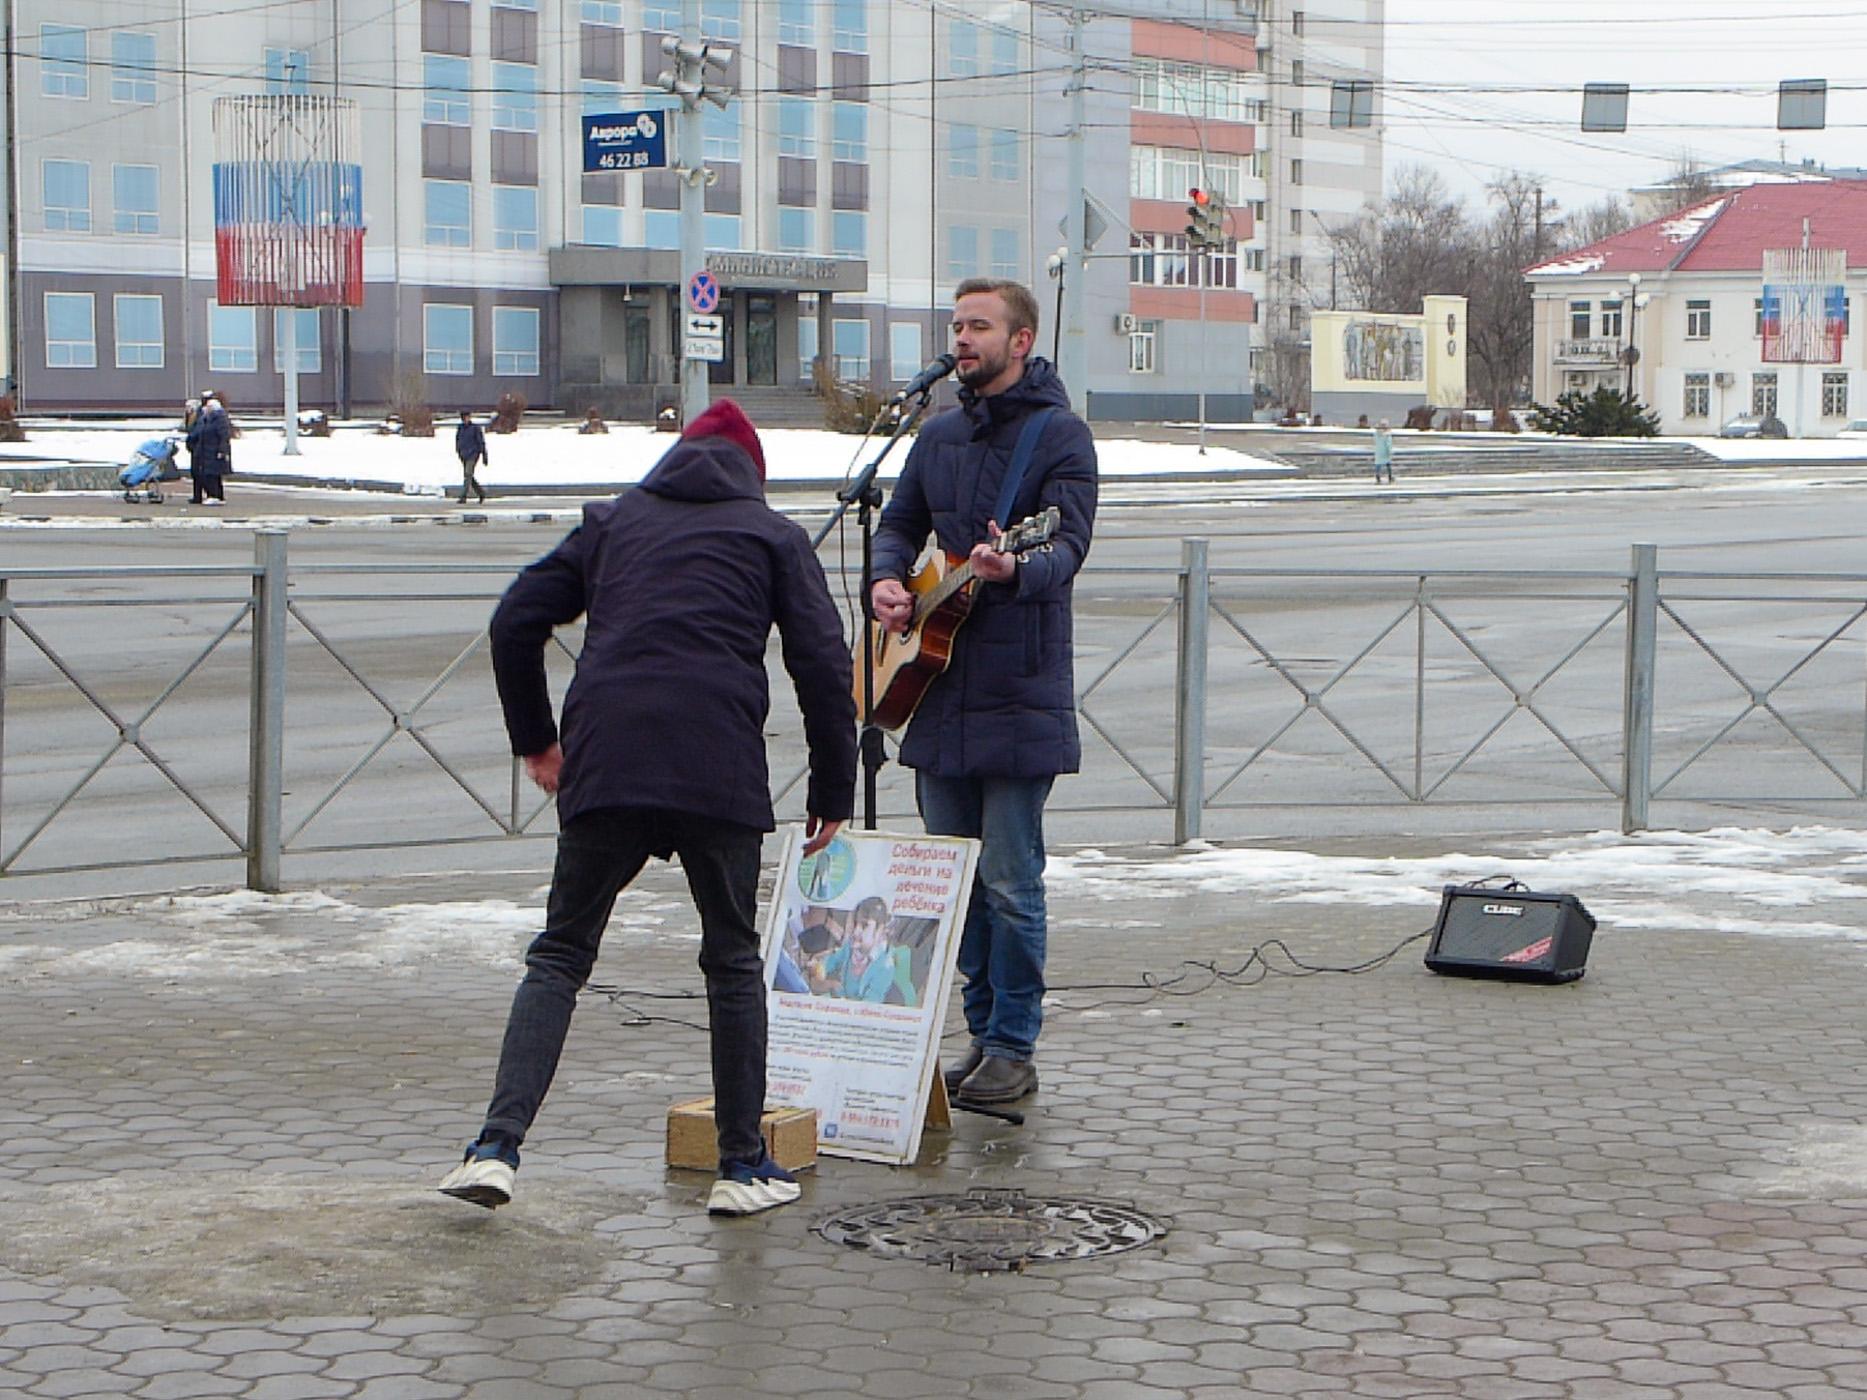 ユジノサハリンスクの路上ミュージシャン